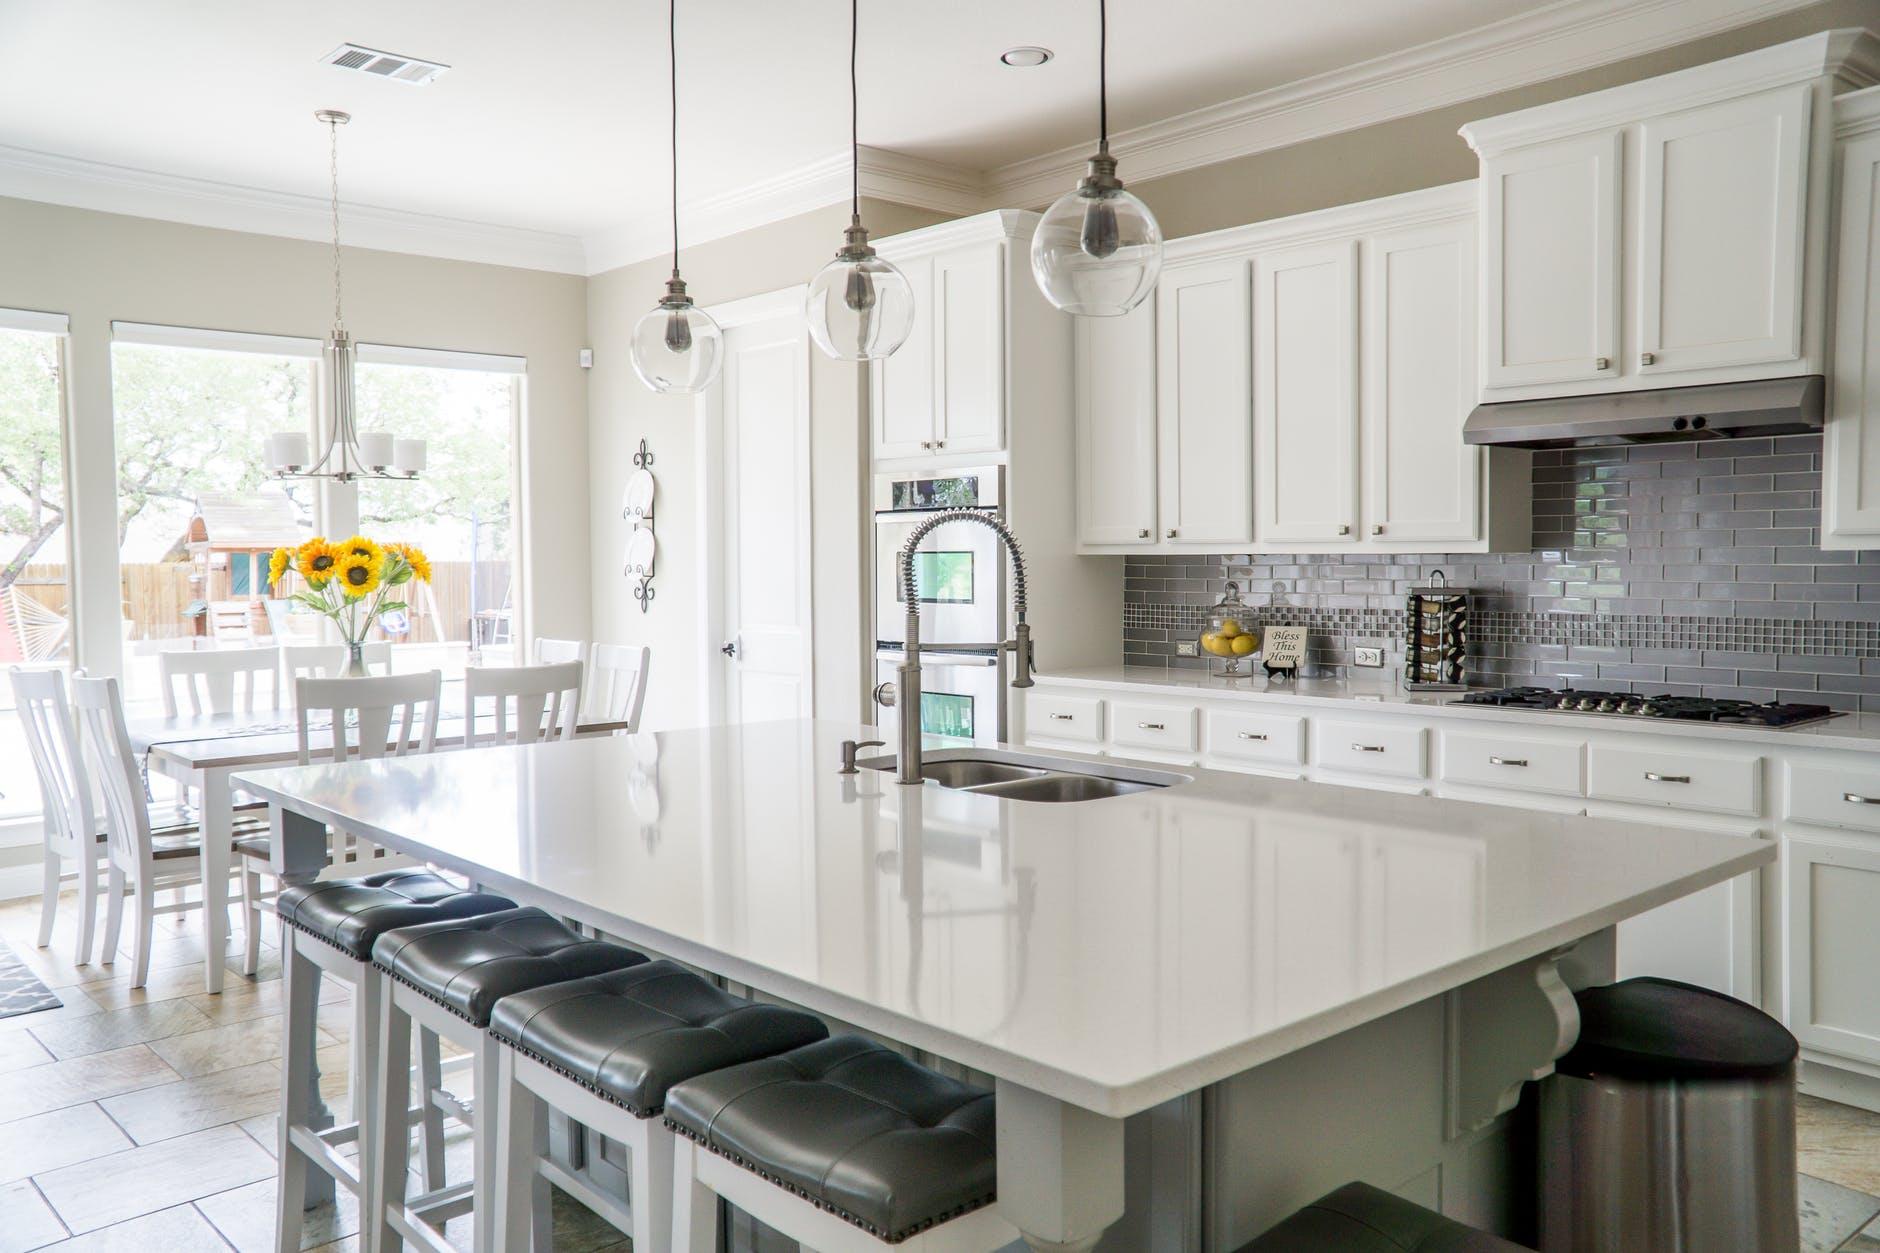 cappa da cucina a incasso di design